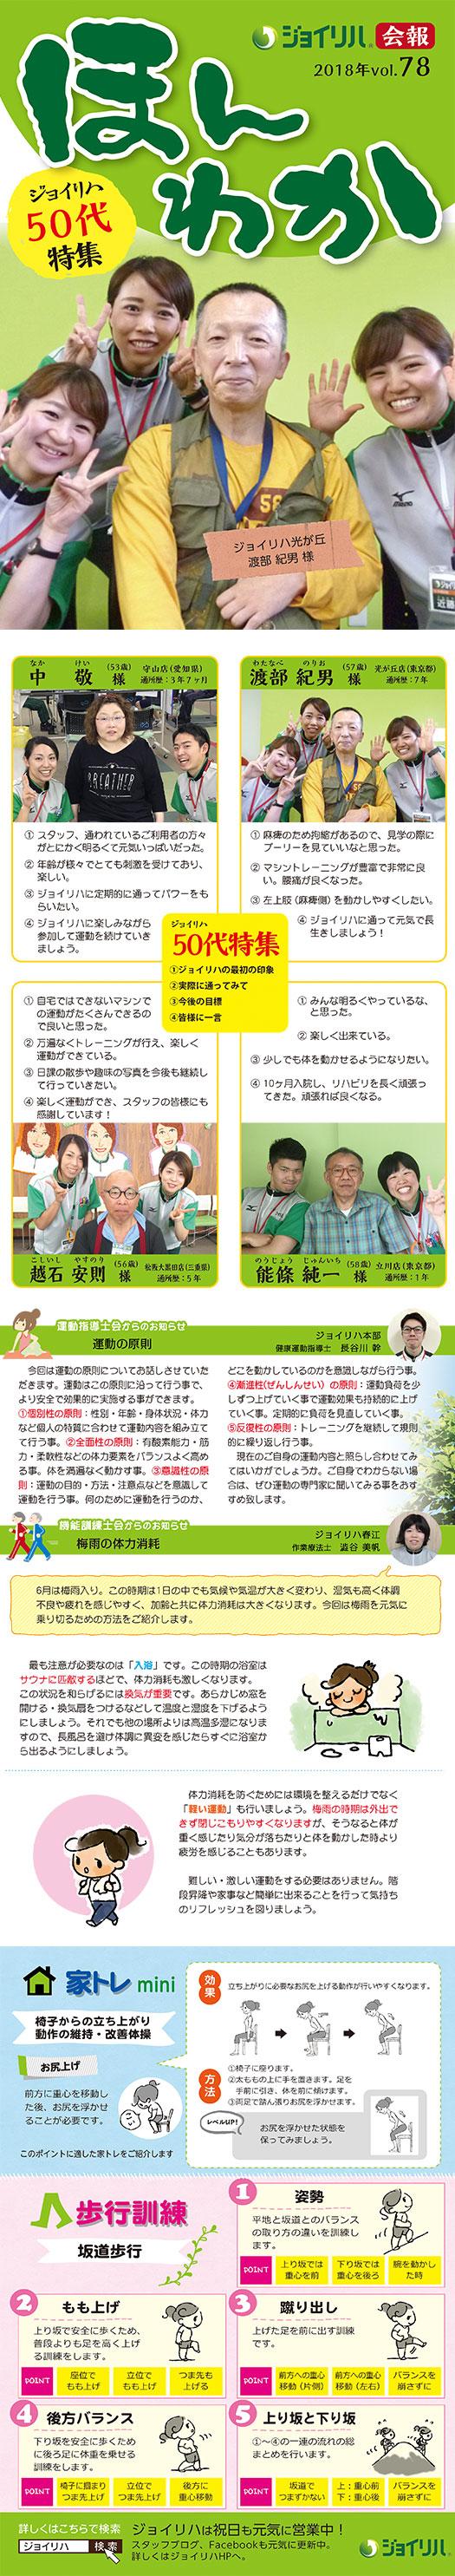 会報「ほんわか」vol.78 「ジョイリハ50代特集」